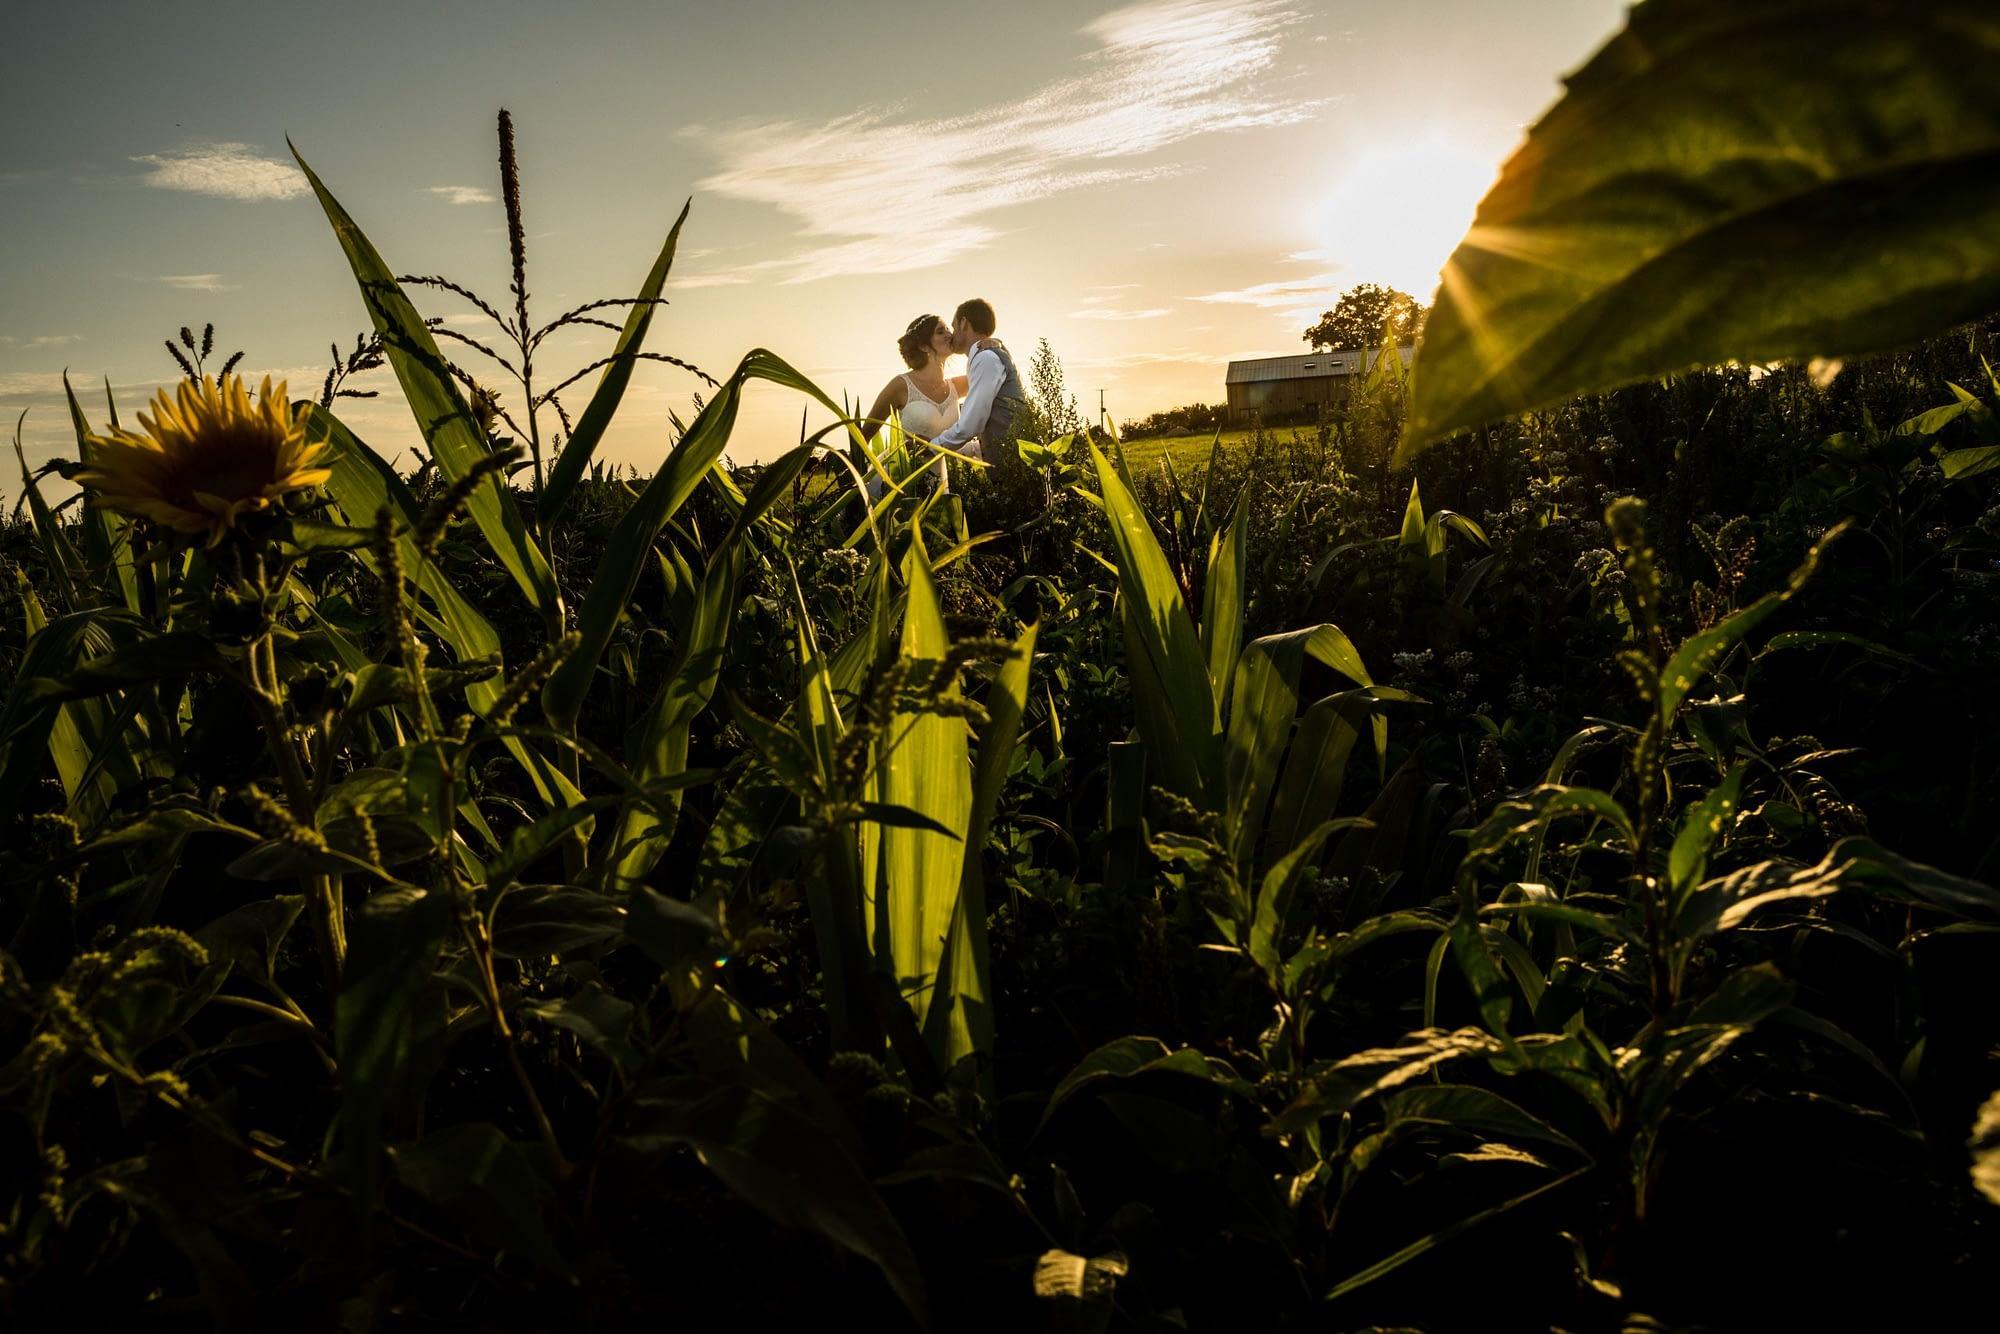 Winkworth farm couple in fields wedding day